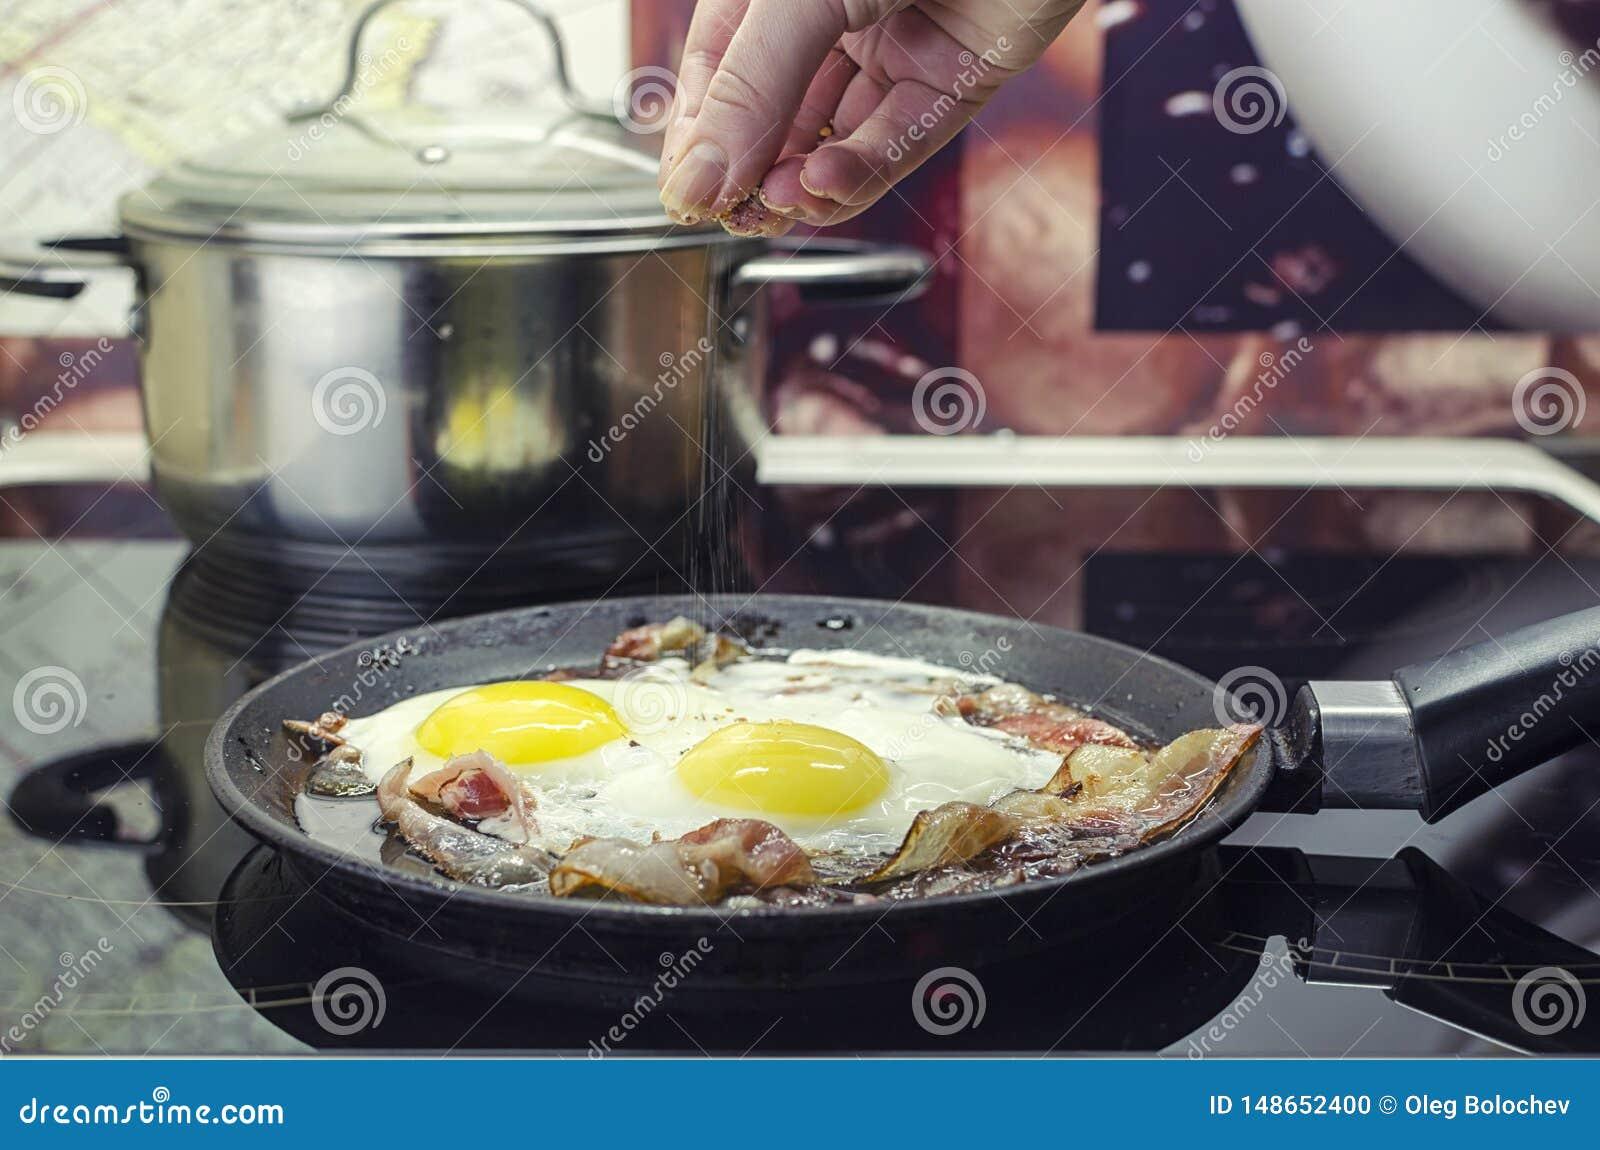 Der Chef salzt die Spiegeleier in einer Bratpfanne, kochen den Speck und Spiegeleier in der Bratpfanne, kochend in der K?che, set